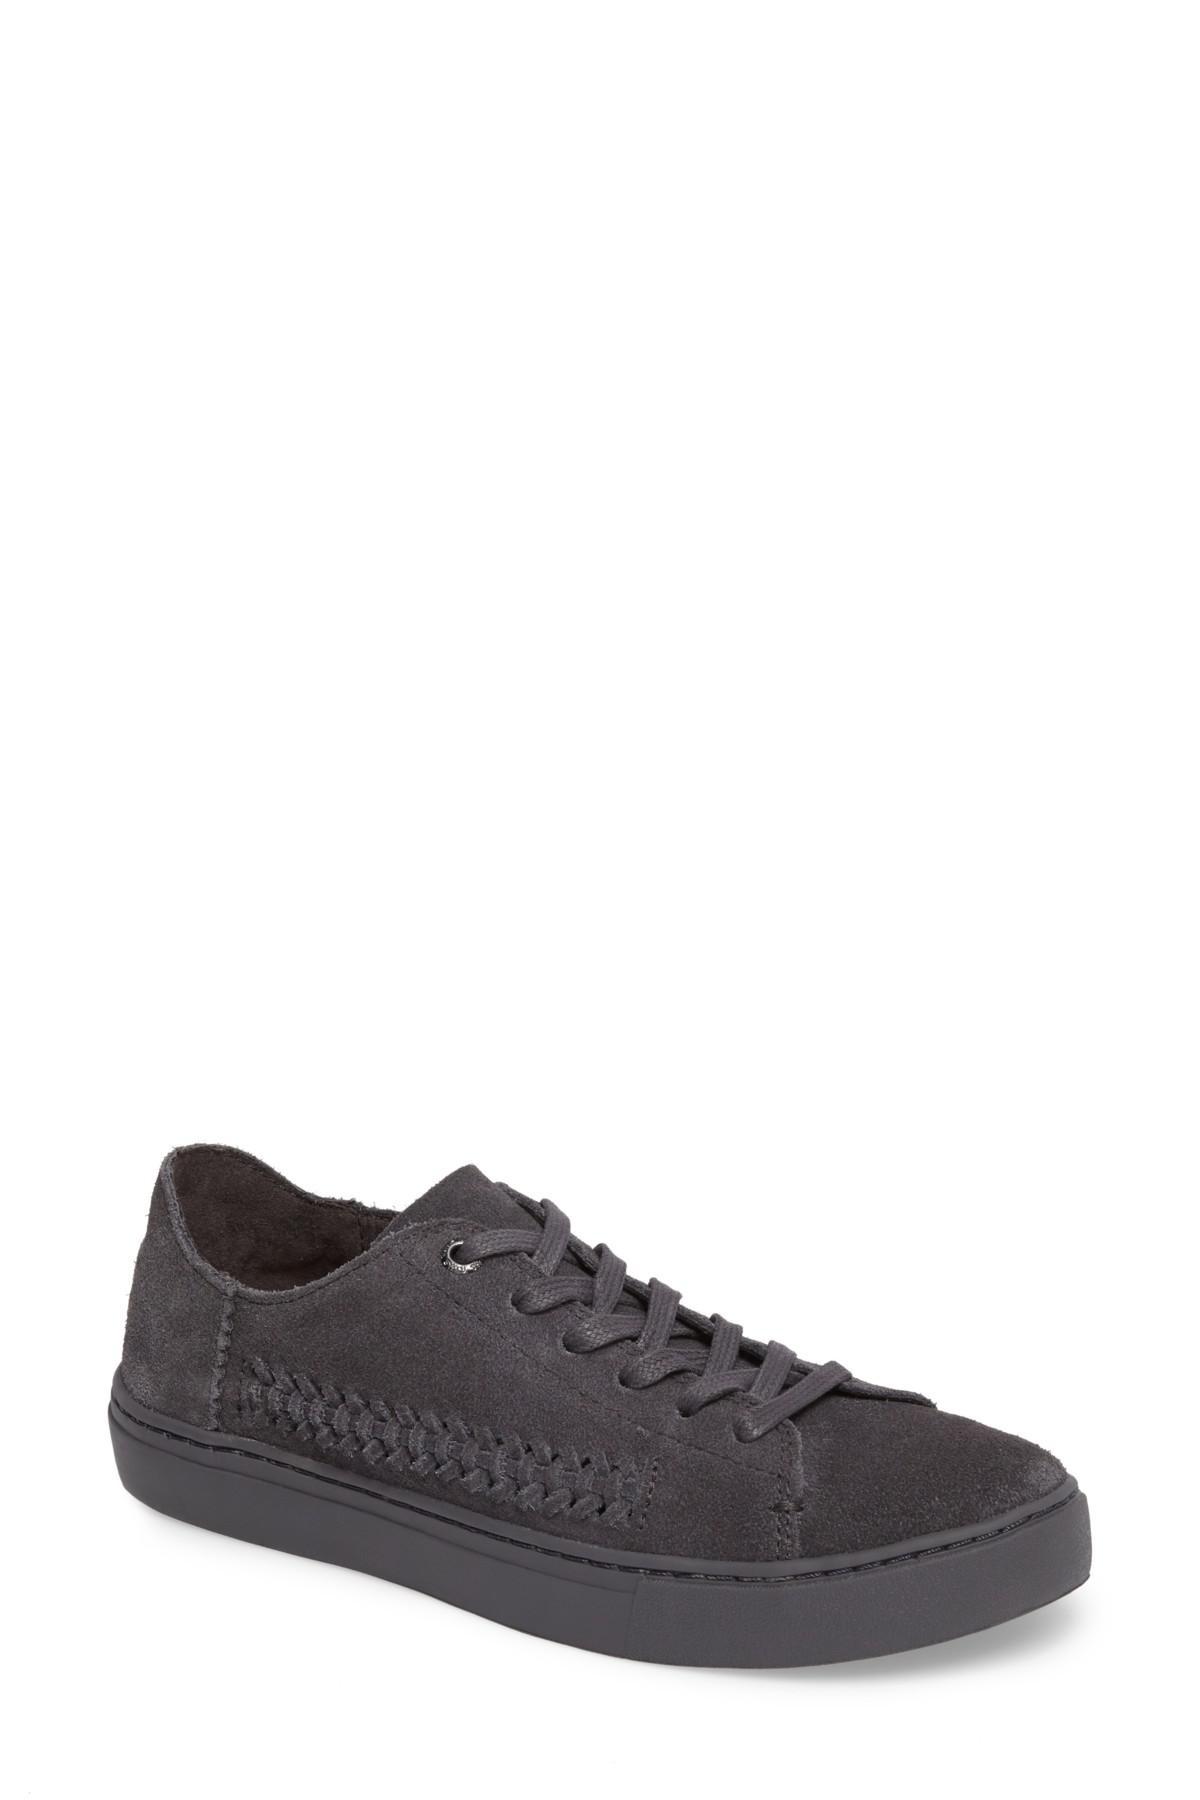 f992c9d2ba2 Lyst - TOMS Lenox Lace-up Sneaker in Gray